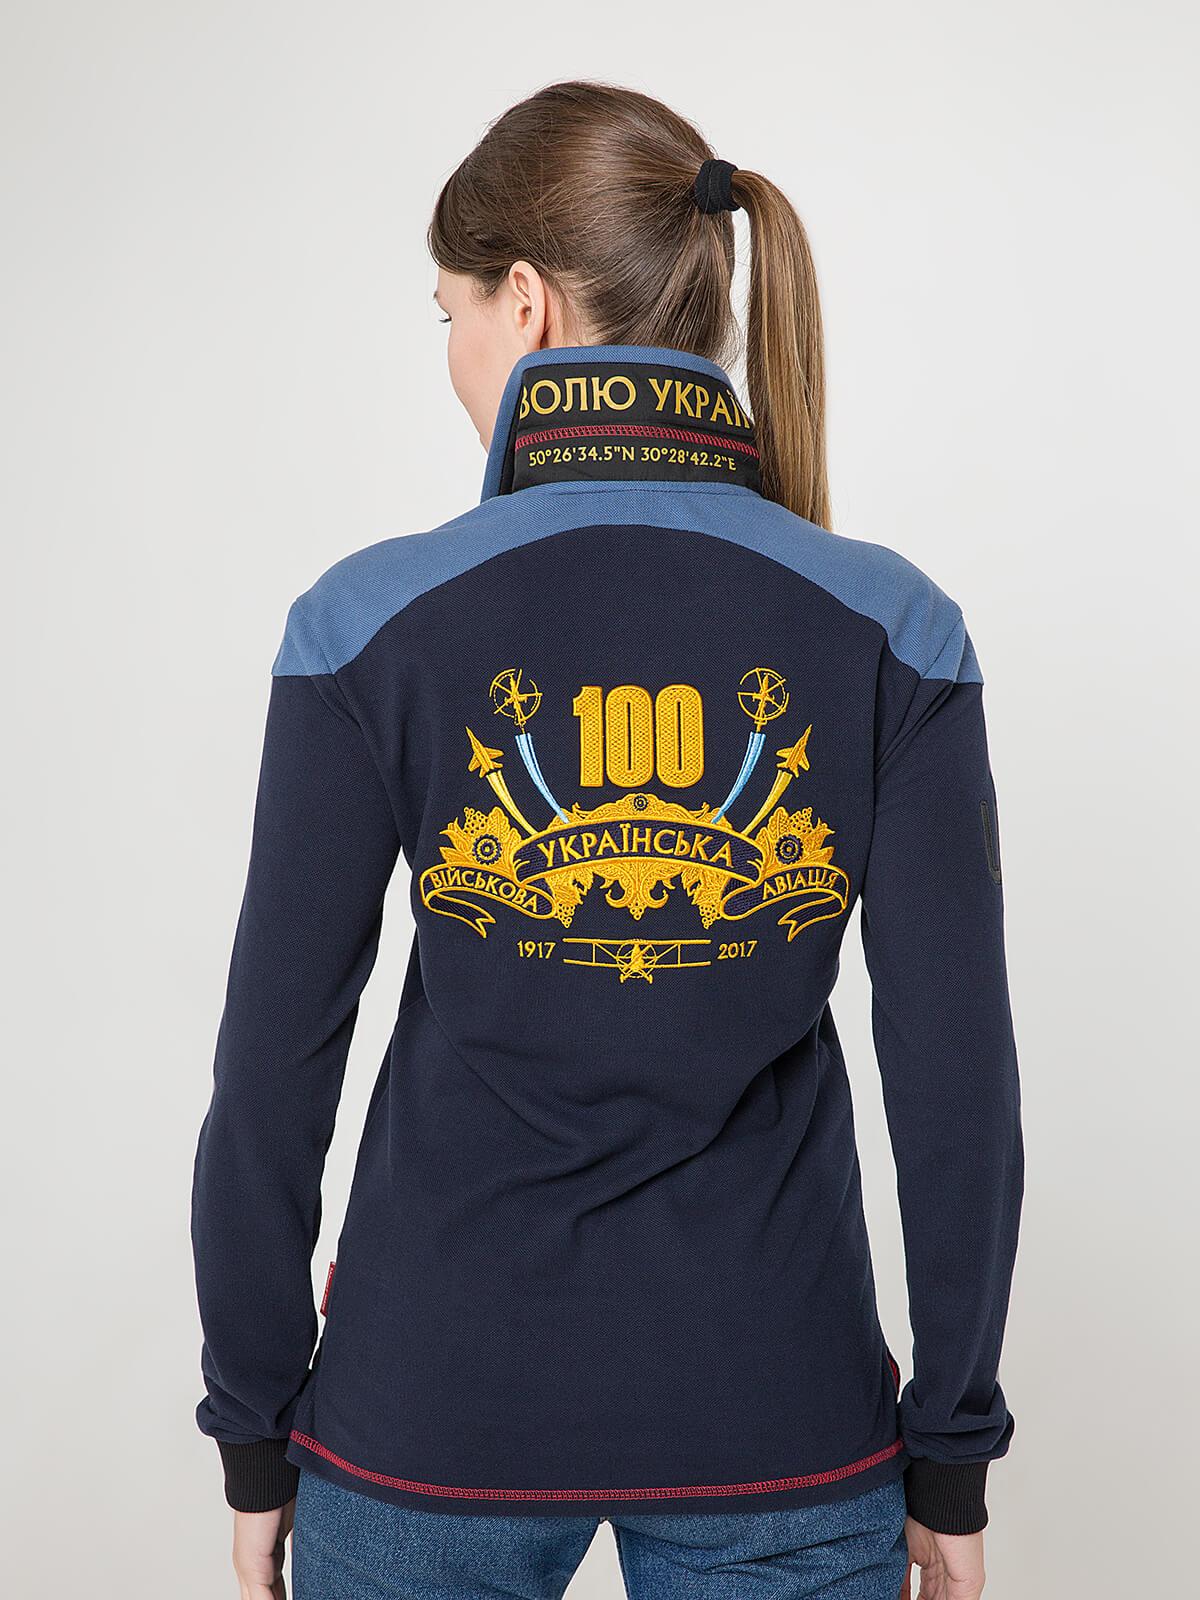 Жіноче Поло-Лонґ 100 Років Української Авіації. Колір темно-синій.  Не варто переживати за універсальний розмір.